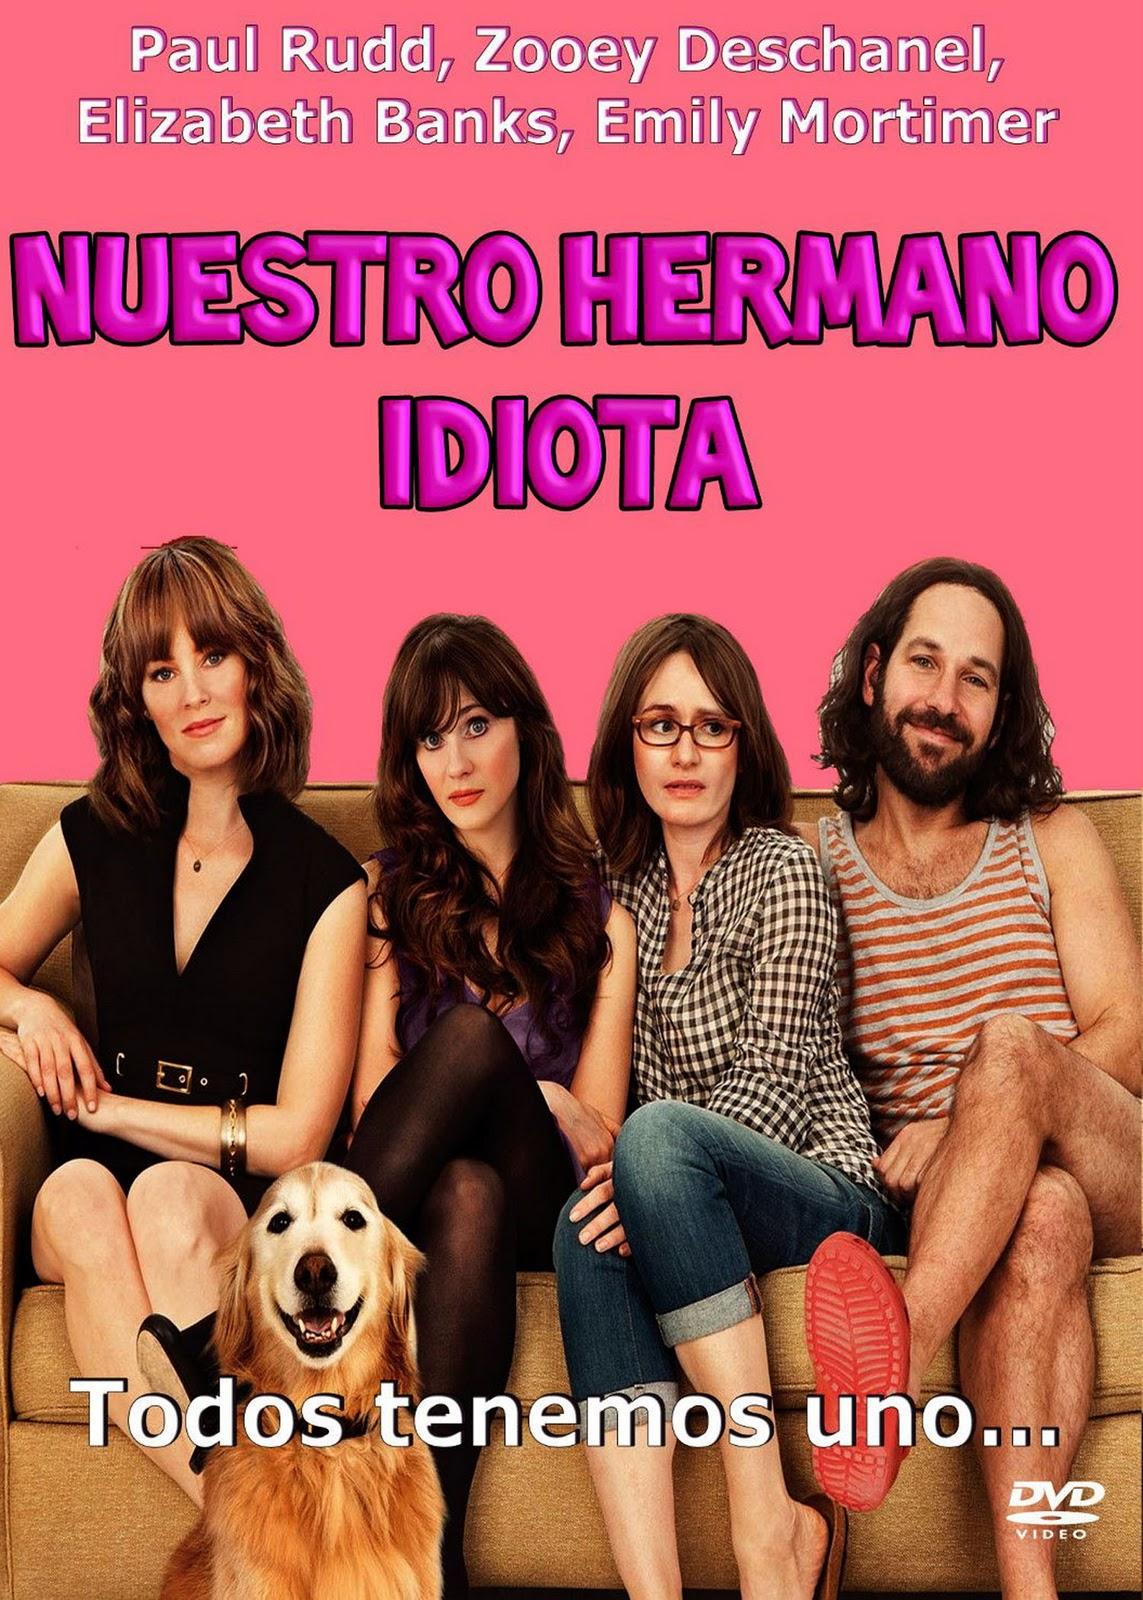 http://2.bp.blogspot.com/-jiCvwbUAzE8/Tt4gM9HAl8I/AAAAAAAAAeI/8T98M1N_mCg/s1600/Nuestro+Hermano+Idiota+%2528Our+Idiot+Brother%2529.jpg